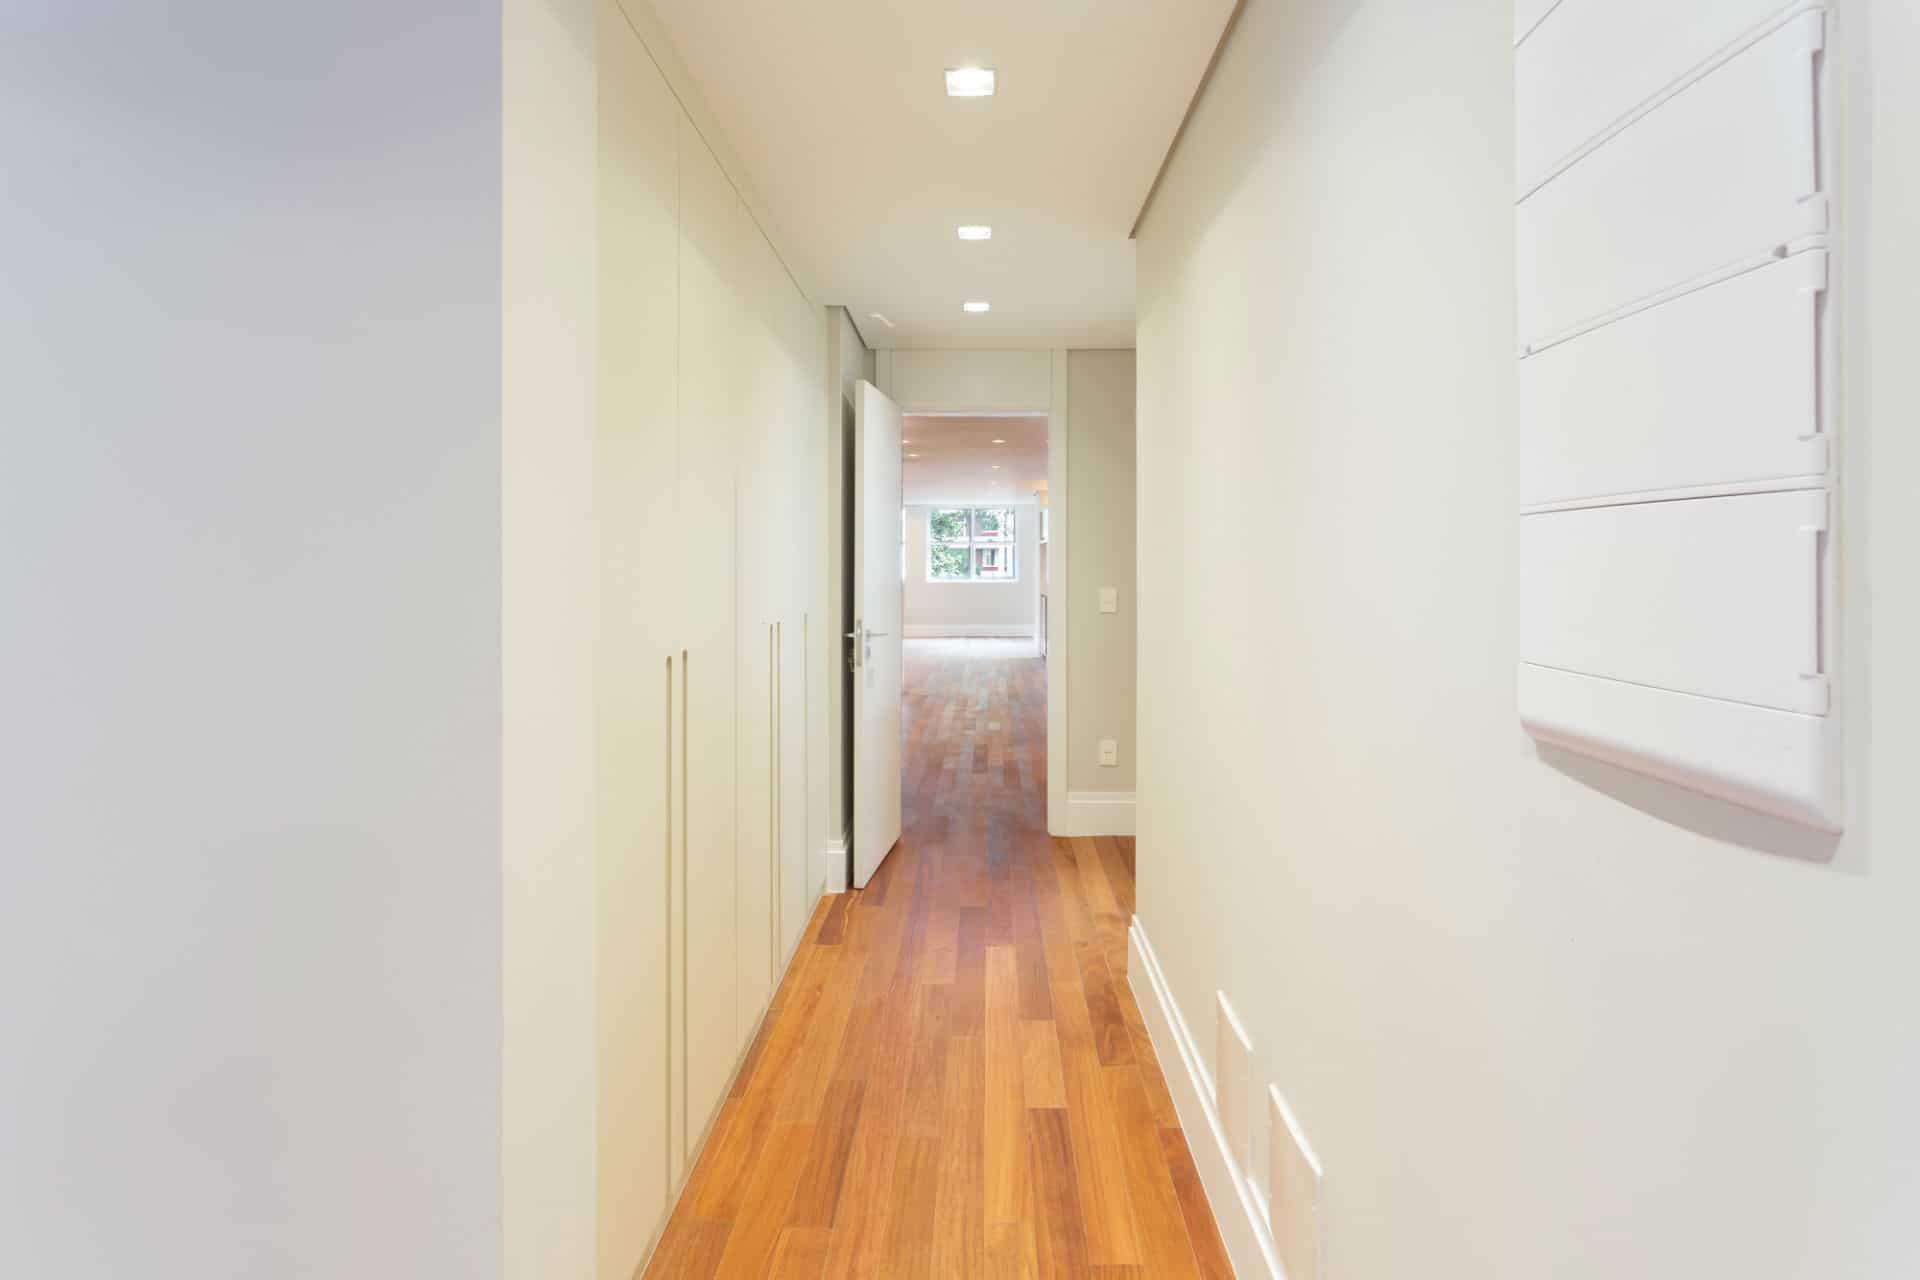 Rouparia no corredor: aproveitamento de espaço e mais charme para ambiente